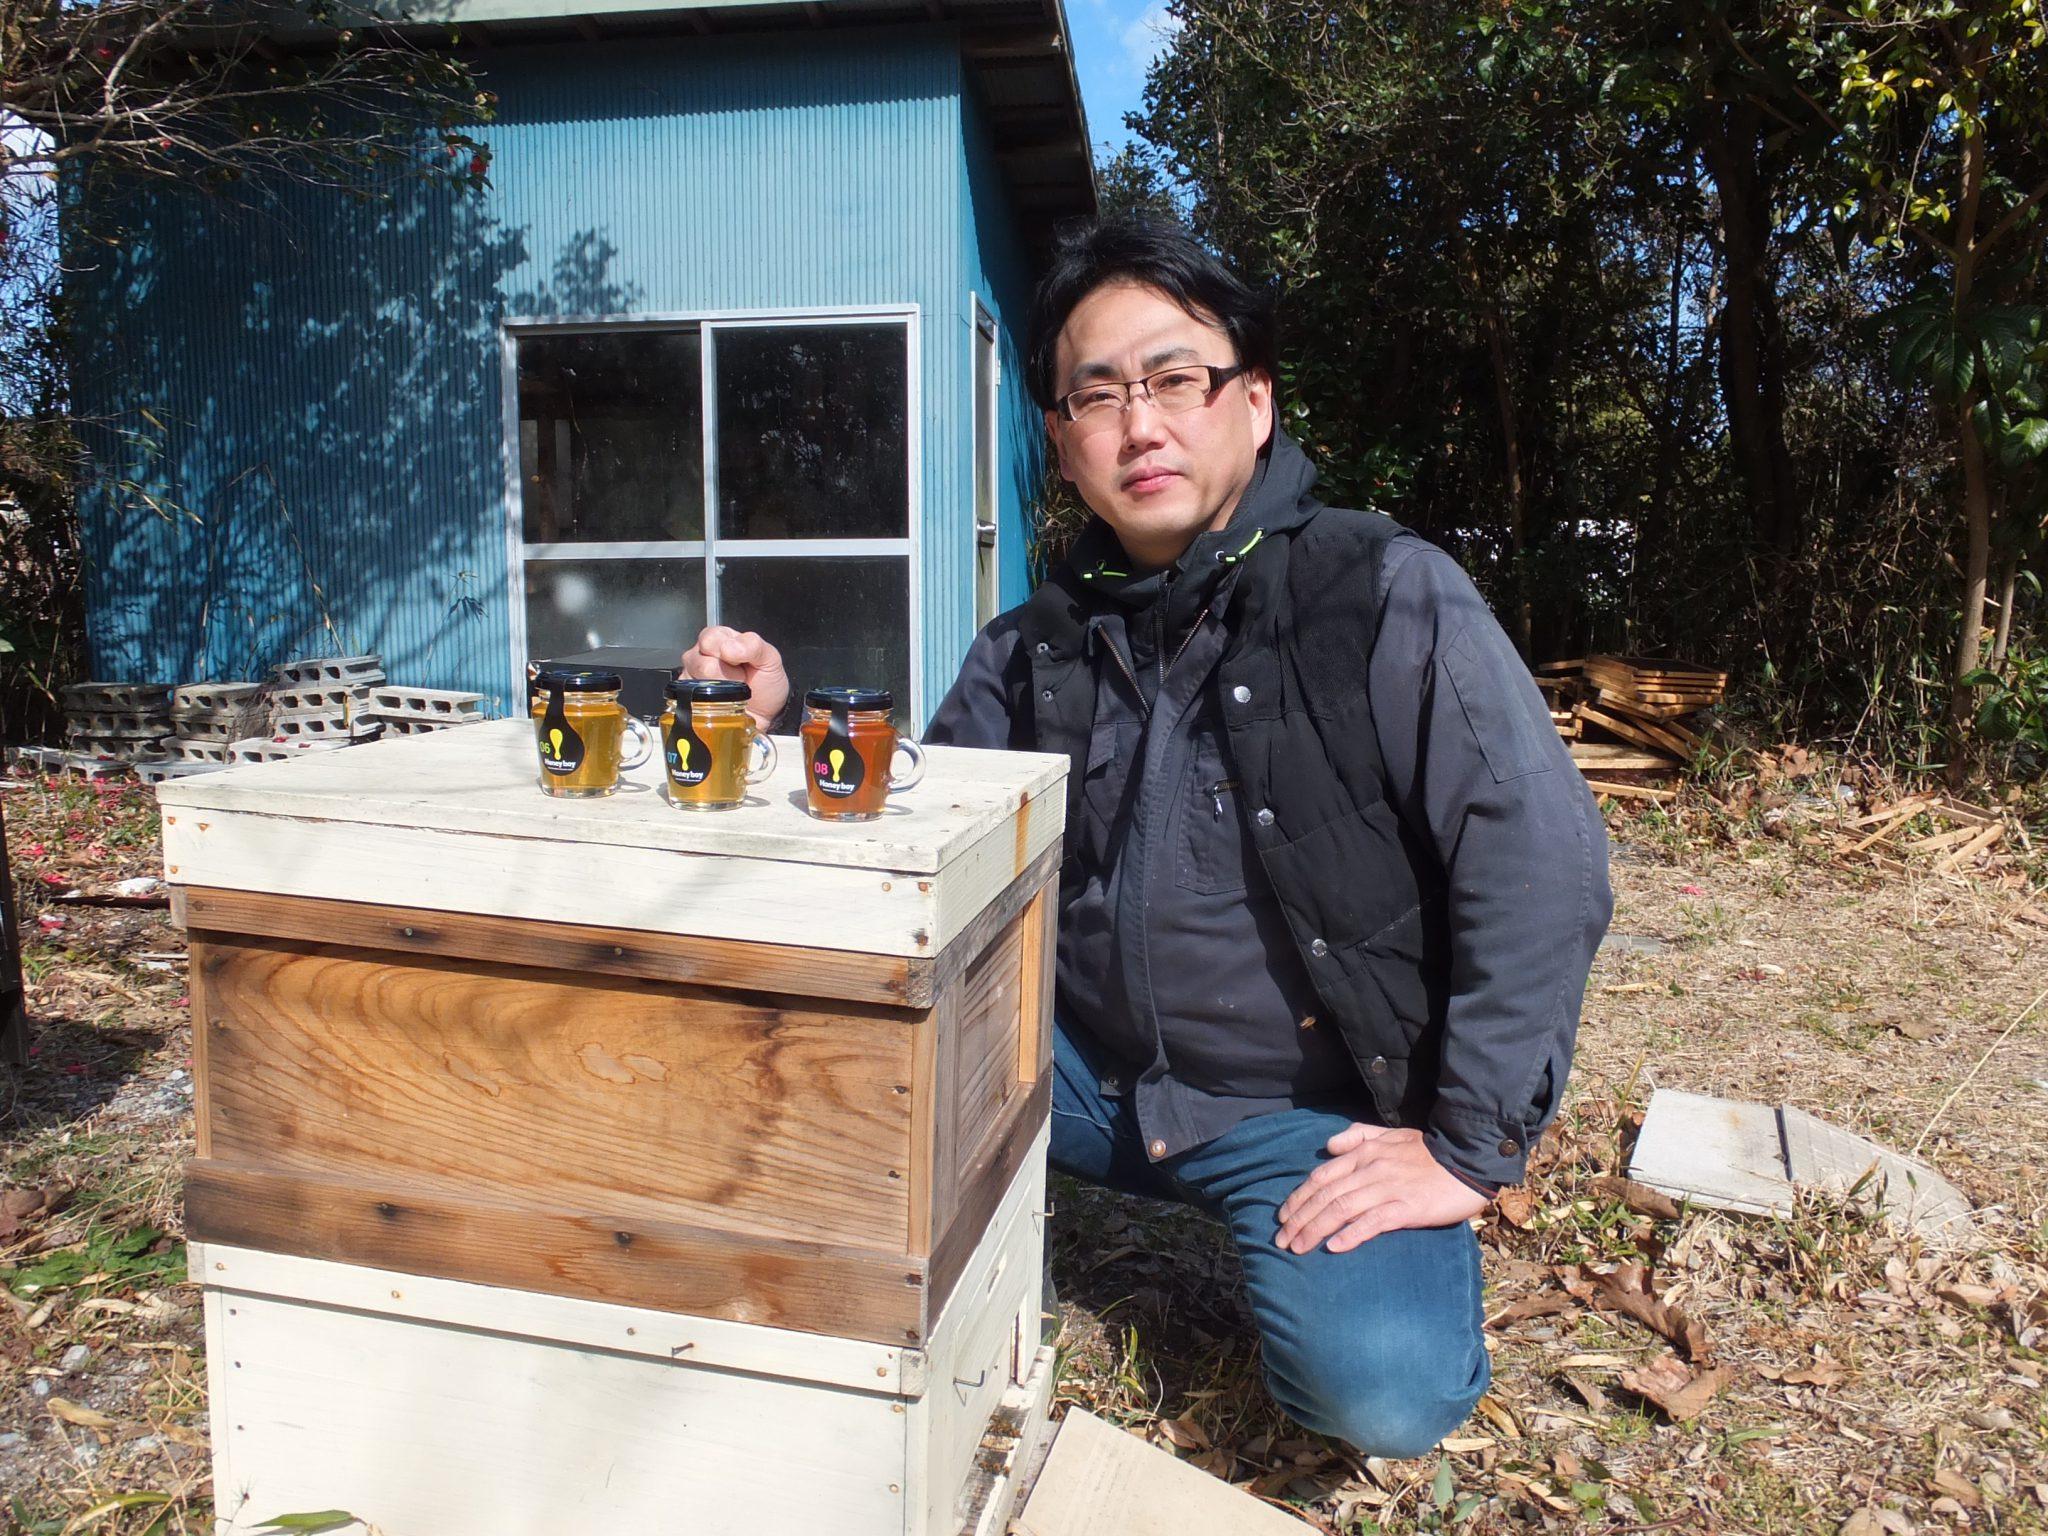 牧之原市で季節の花から採取 地元産蜂蜜を多くの人へ 河村充さん